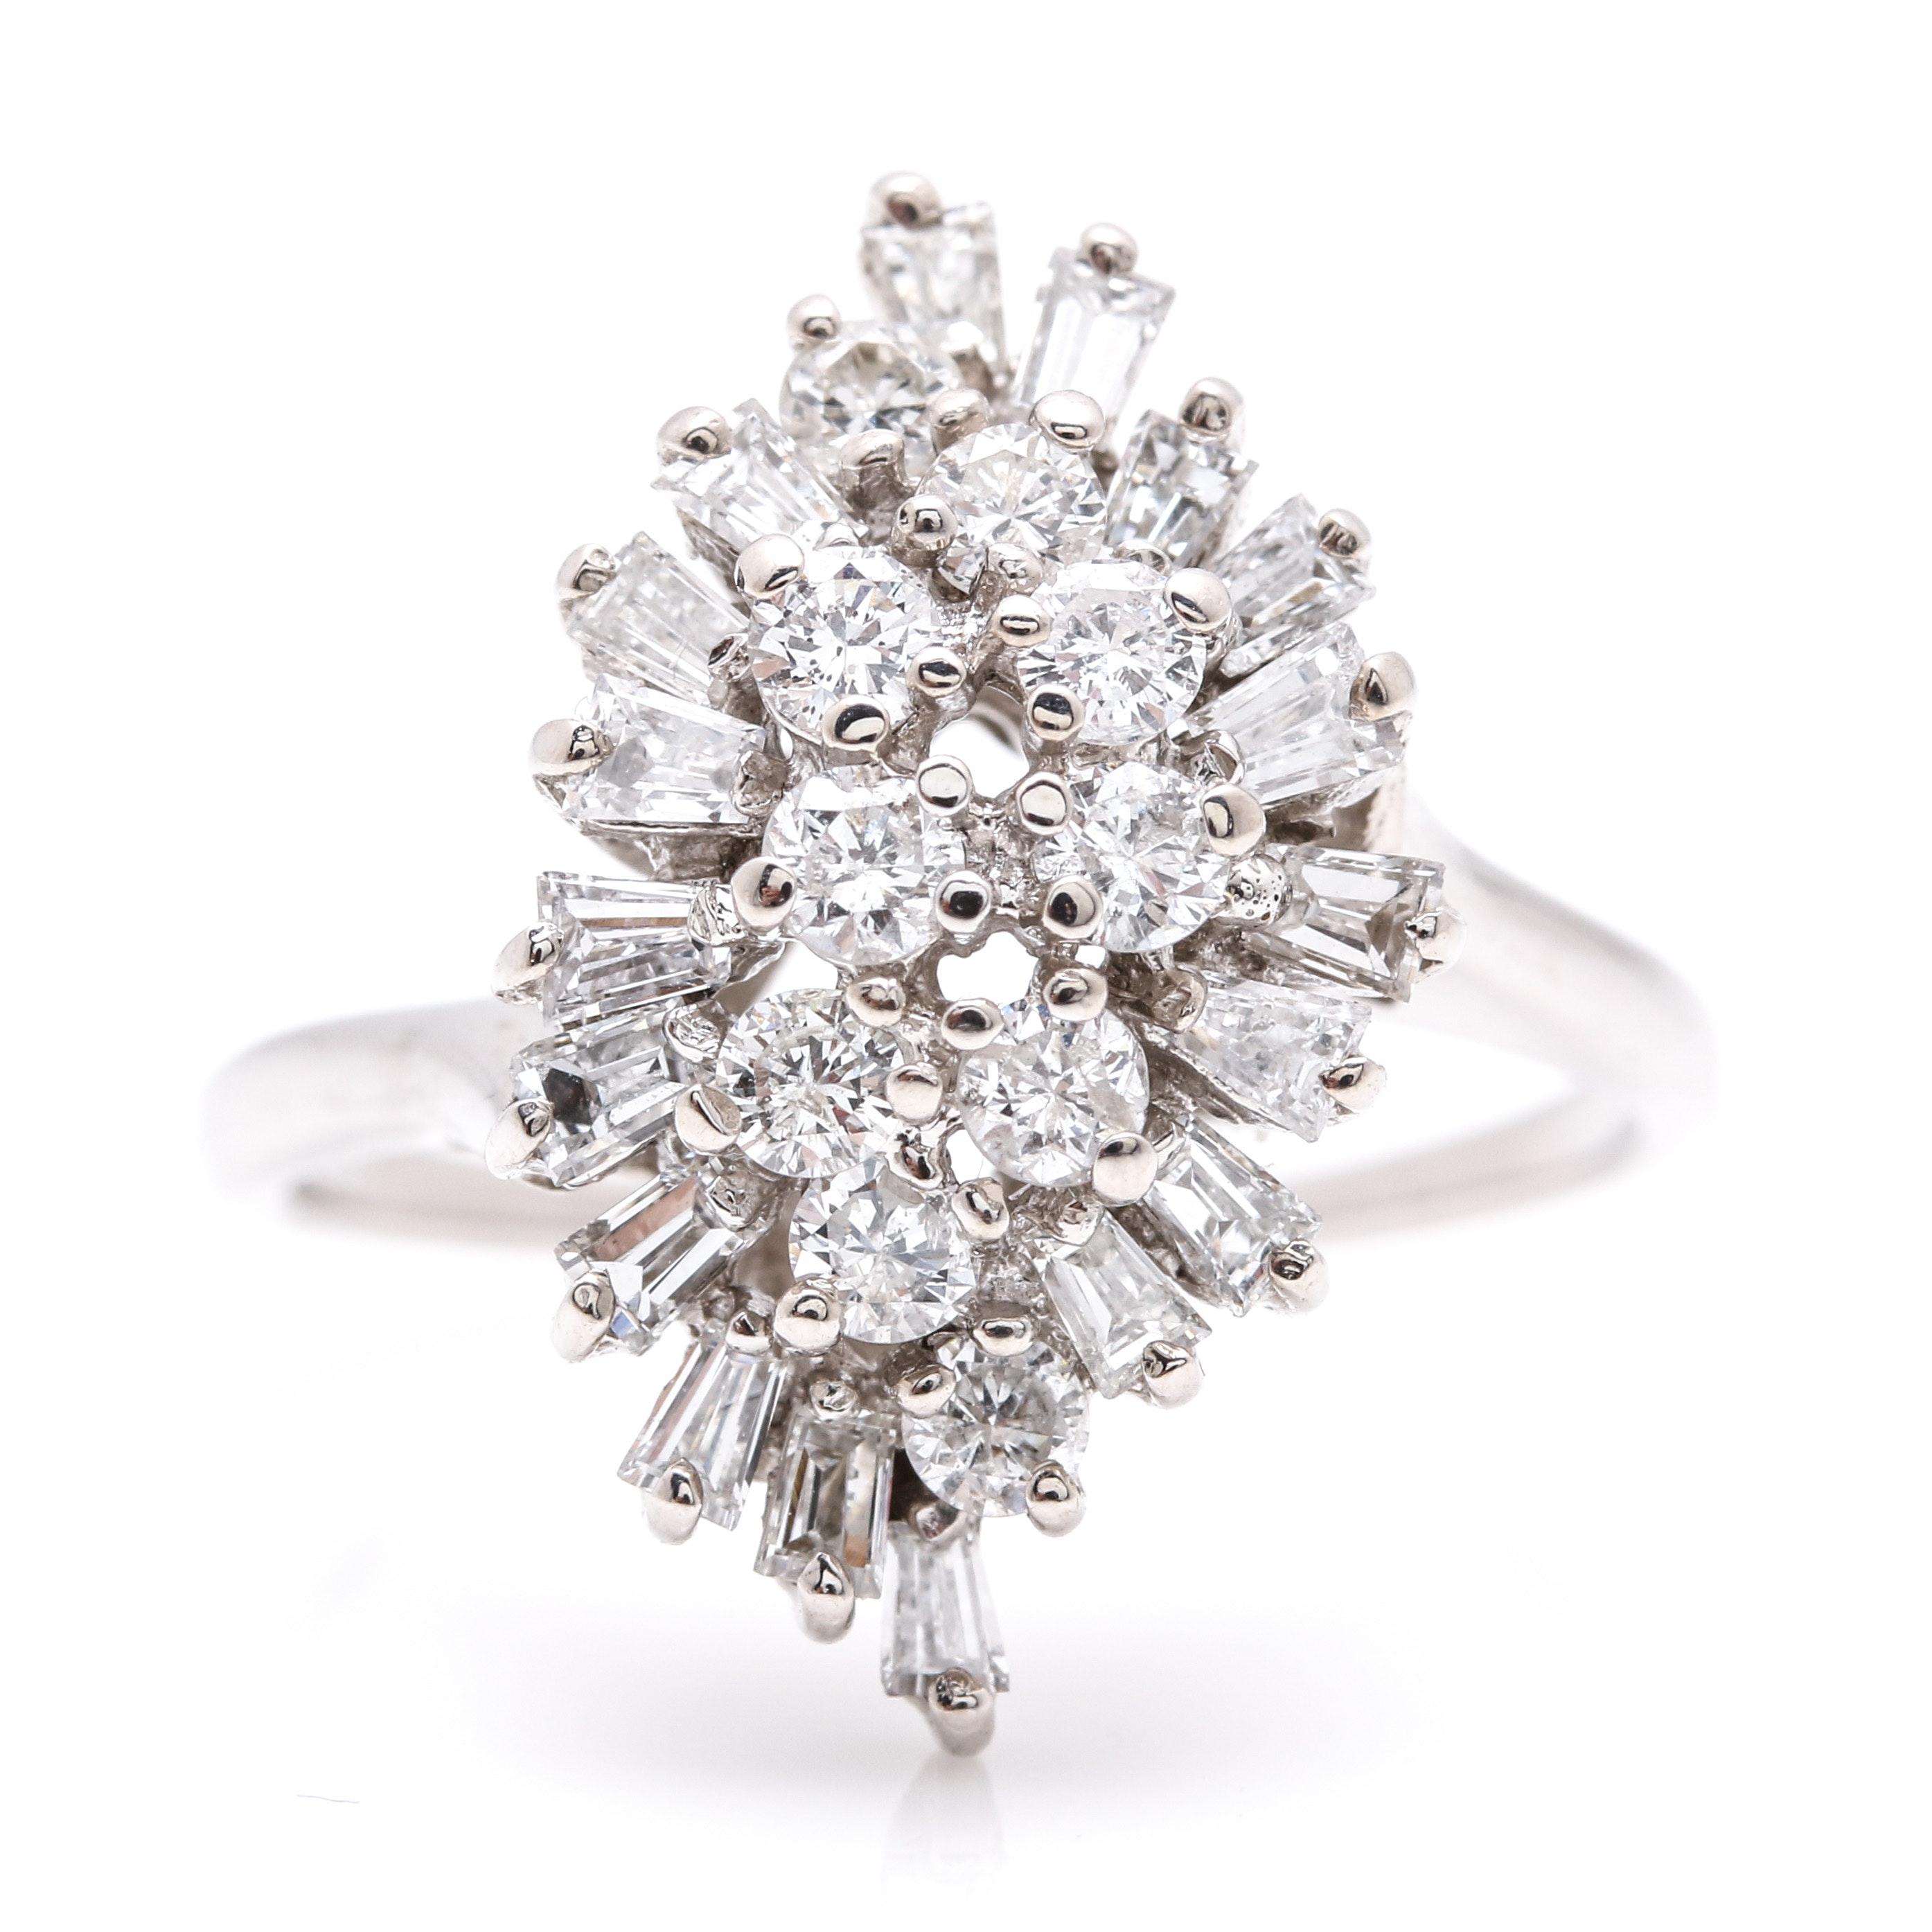 14K White Gold 1.51 CTW Diamond Cluster Ring